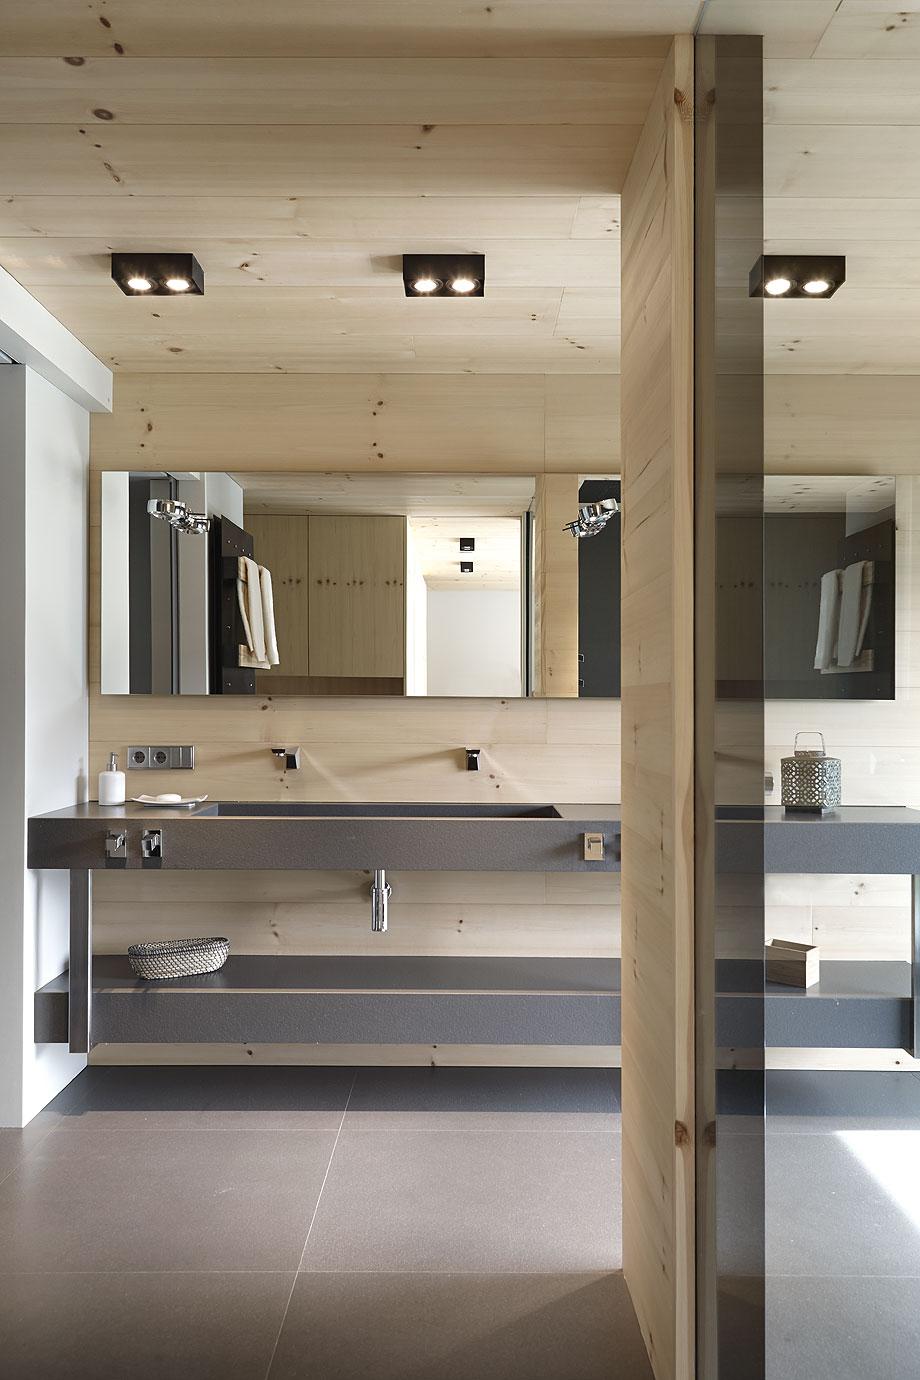 Casa En Equilibrio Con La Naturaleza De Coblonal Interiorismo # Muebles Rolando Herrera